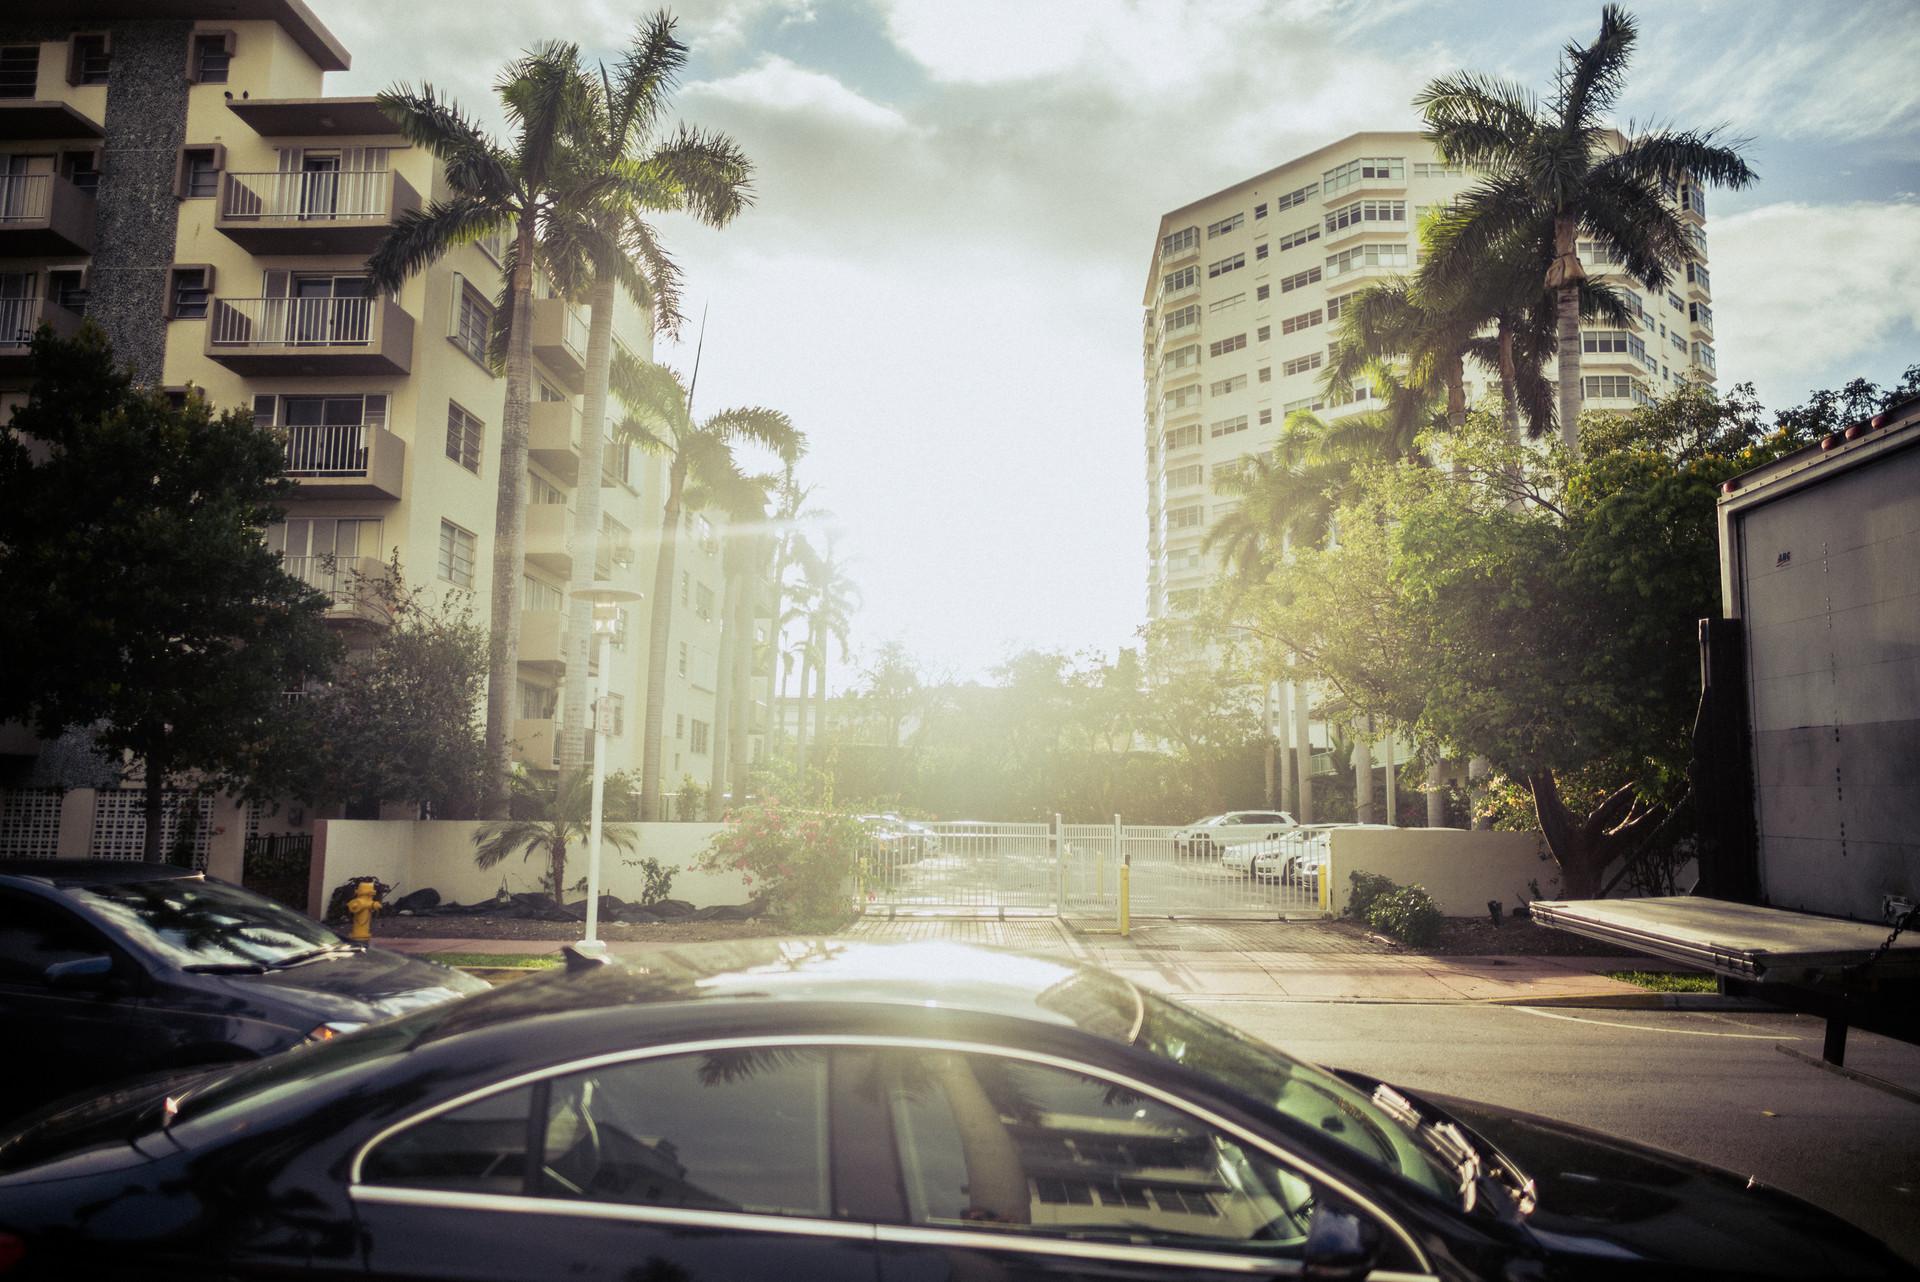 Miami_saturday-1006613.jpg